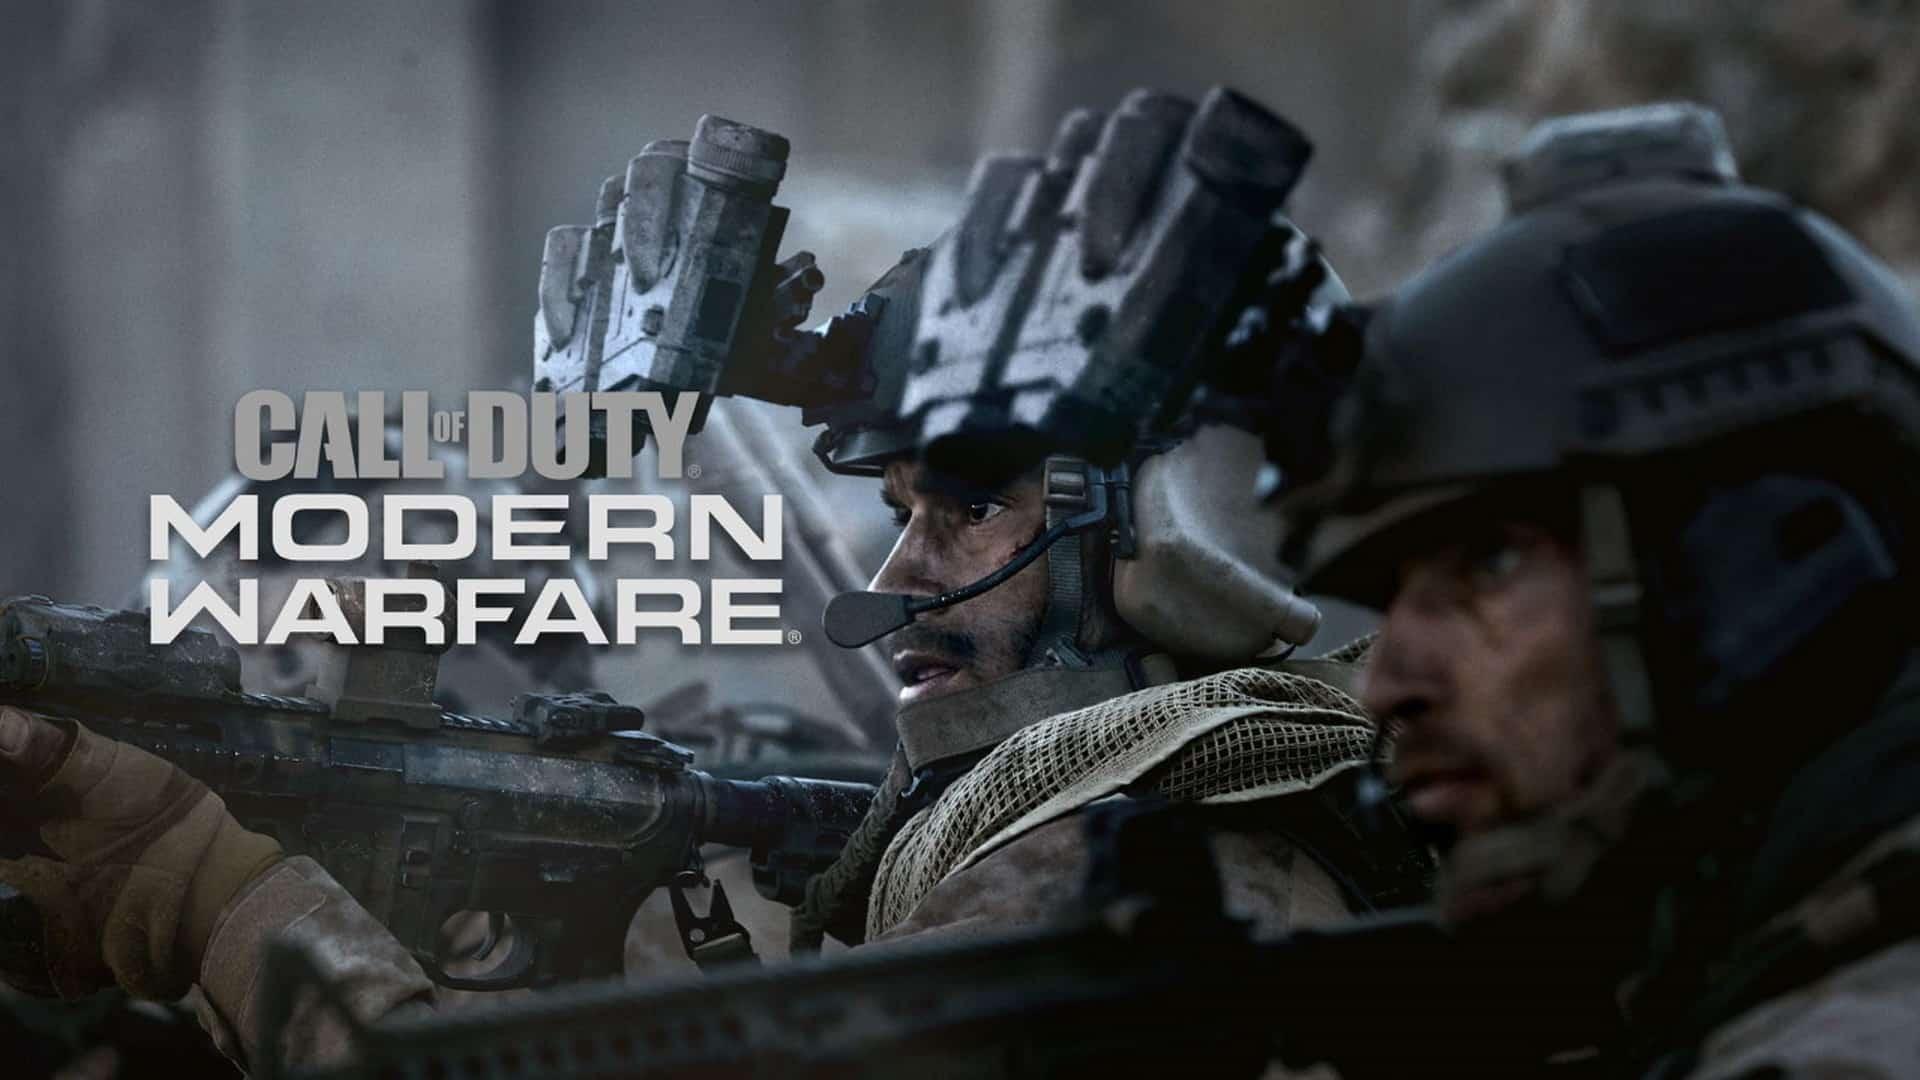 Call Of Duty: Modern Warfare Sells $600 Million USD In It's First Three Days